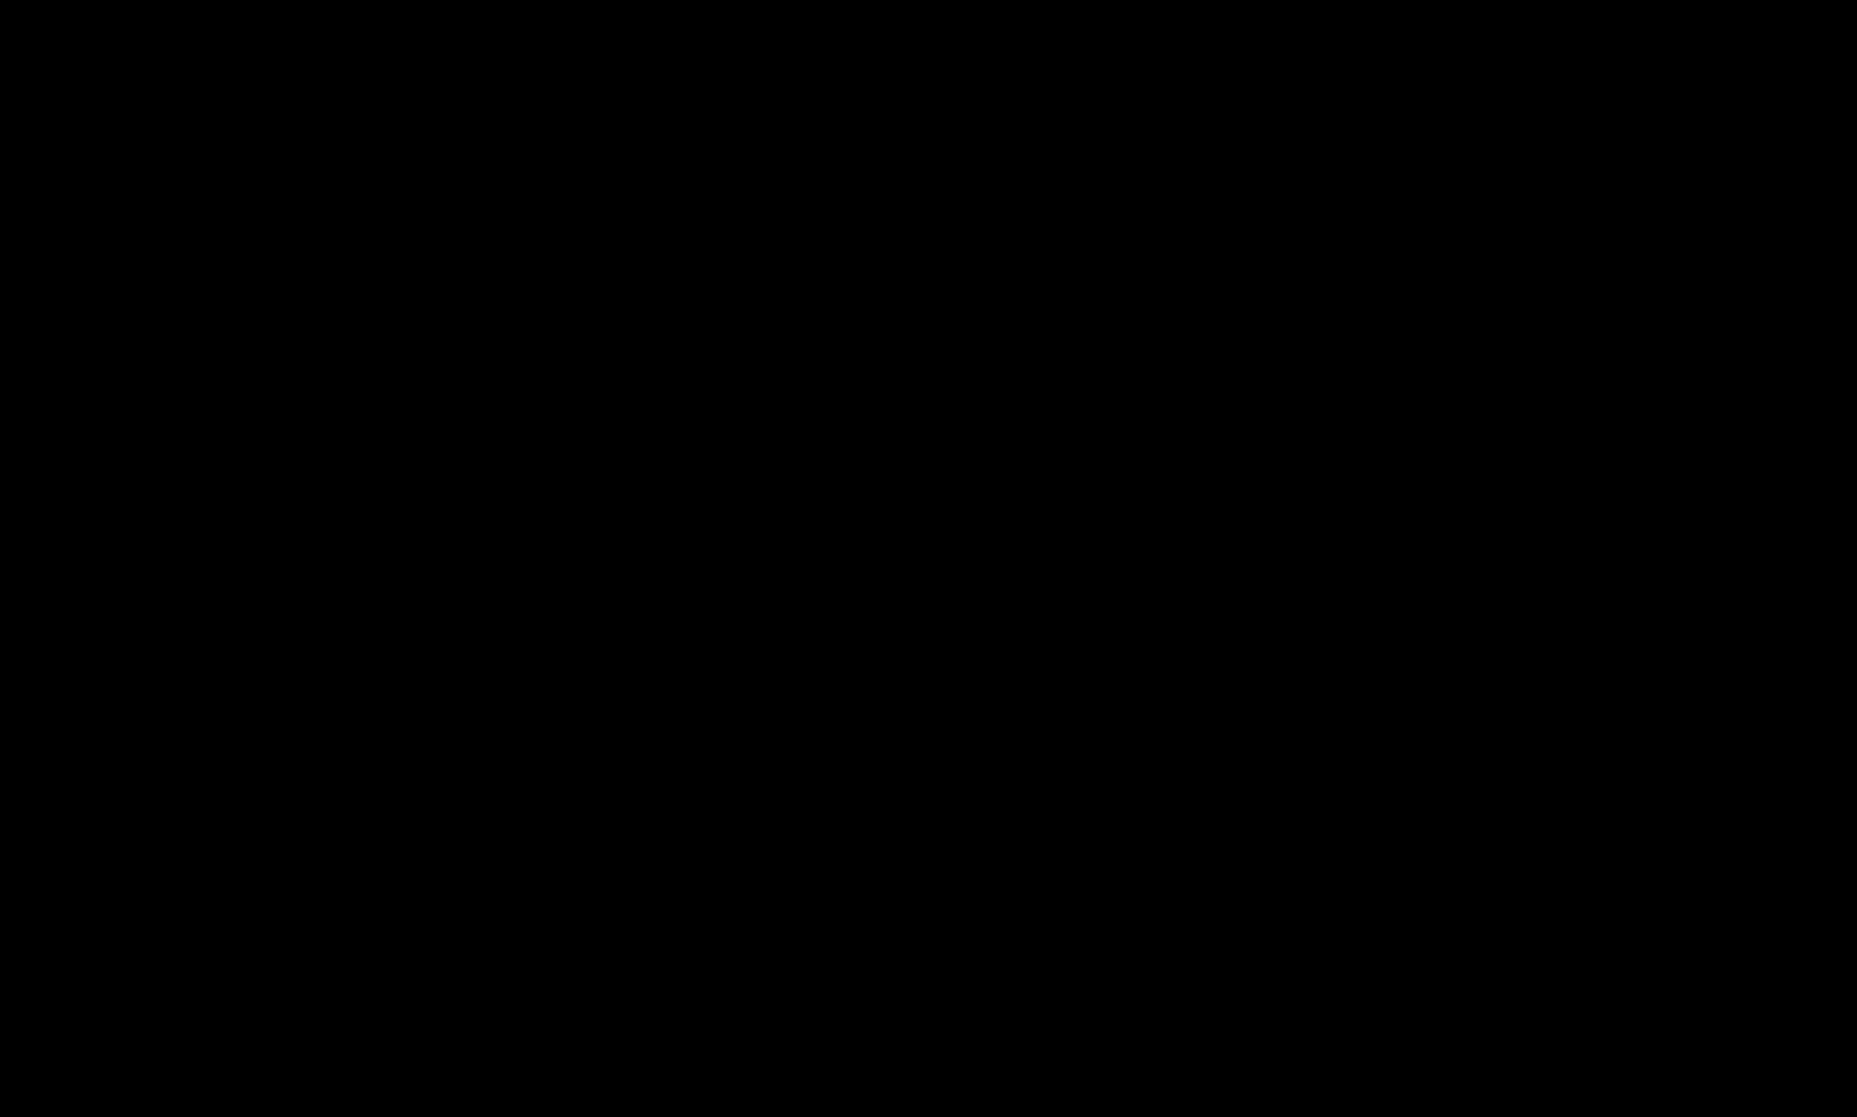 ZDRAVÁ STAVBA S KERAMIKOU – SPRÁVNY VÝBER PRE KOMÍNOVÉ SYSTÉMY Keramické komíny pre väčšiu udržateľnosť